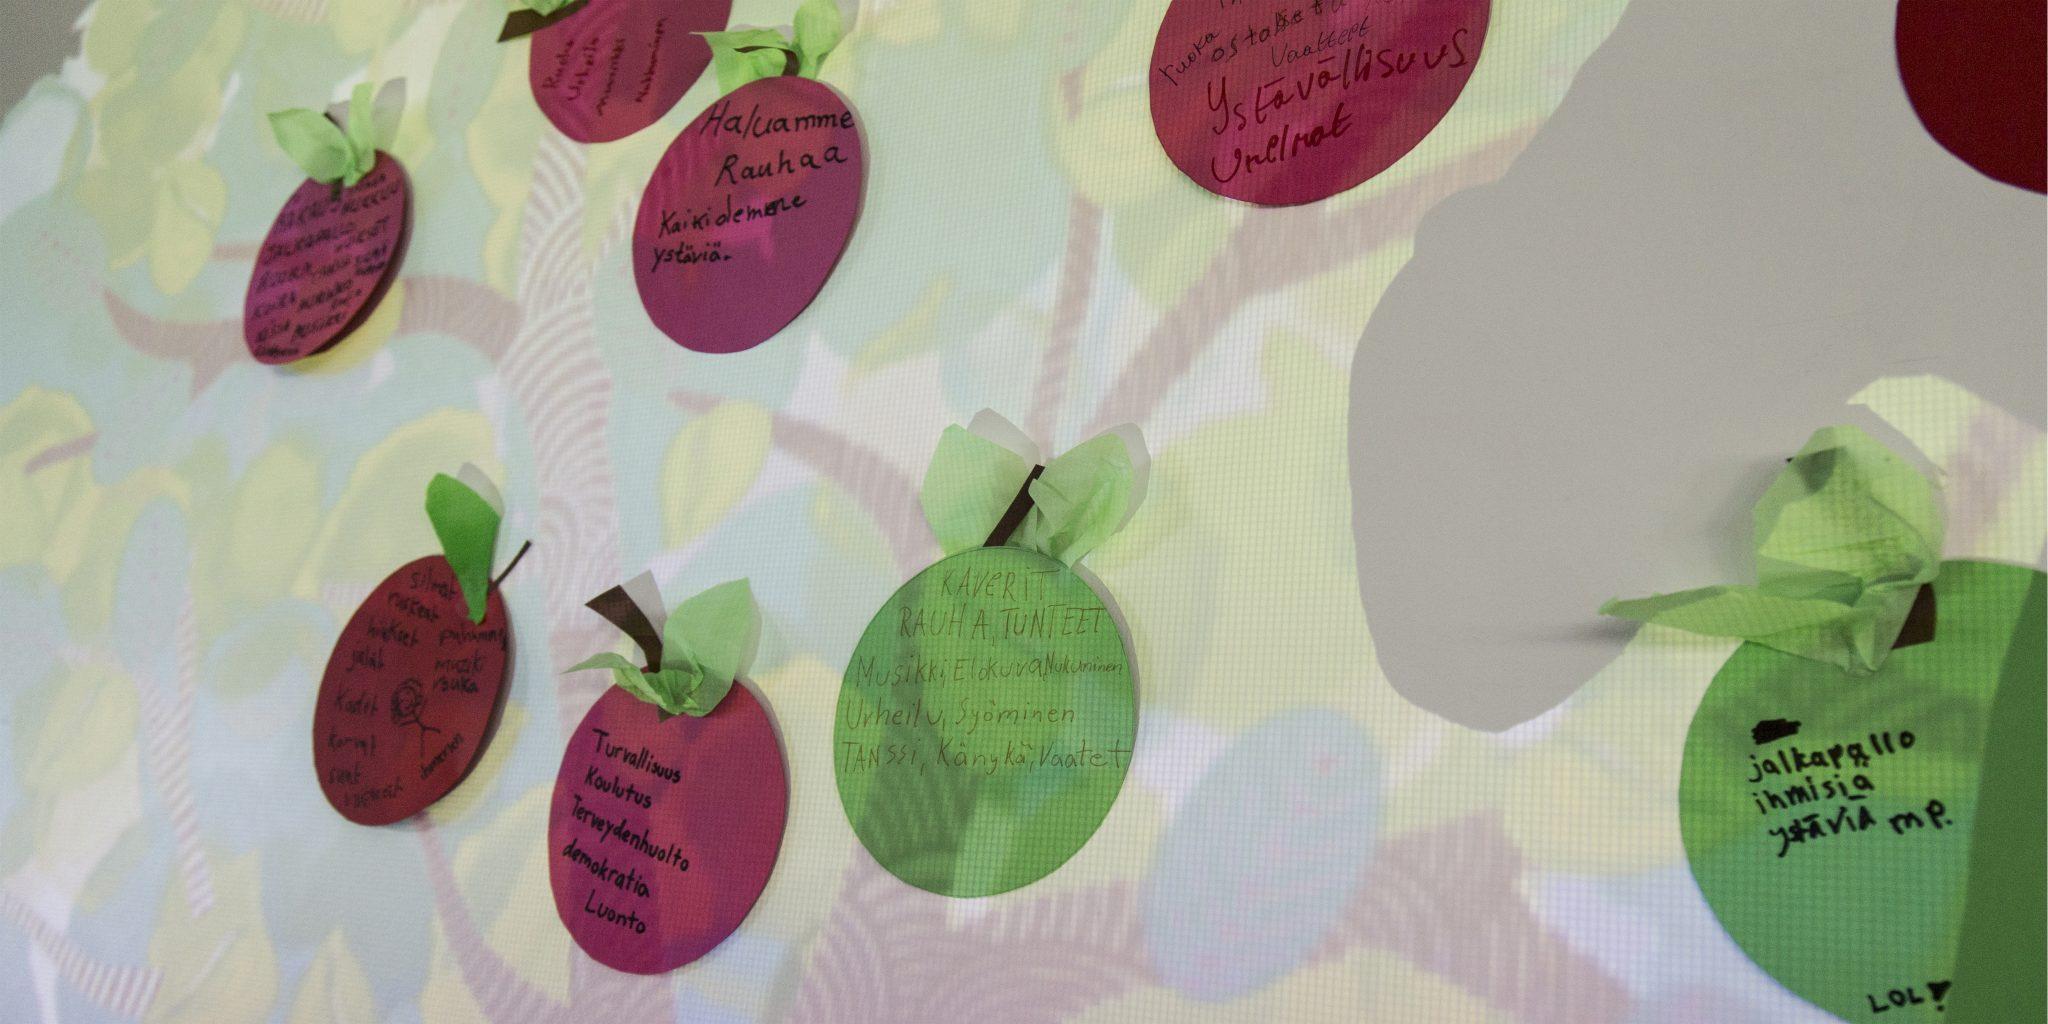 Tapahtumassa seinään heijastettu omenapuu, johon nuoret keräsivät omia omenoitaan ja ajatuksiaan siitä mikä nuoria yhdistää.